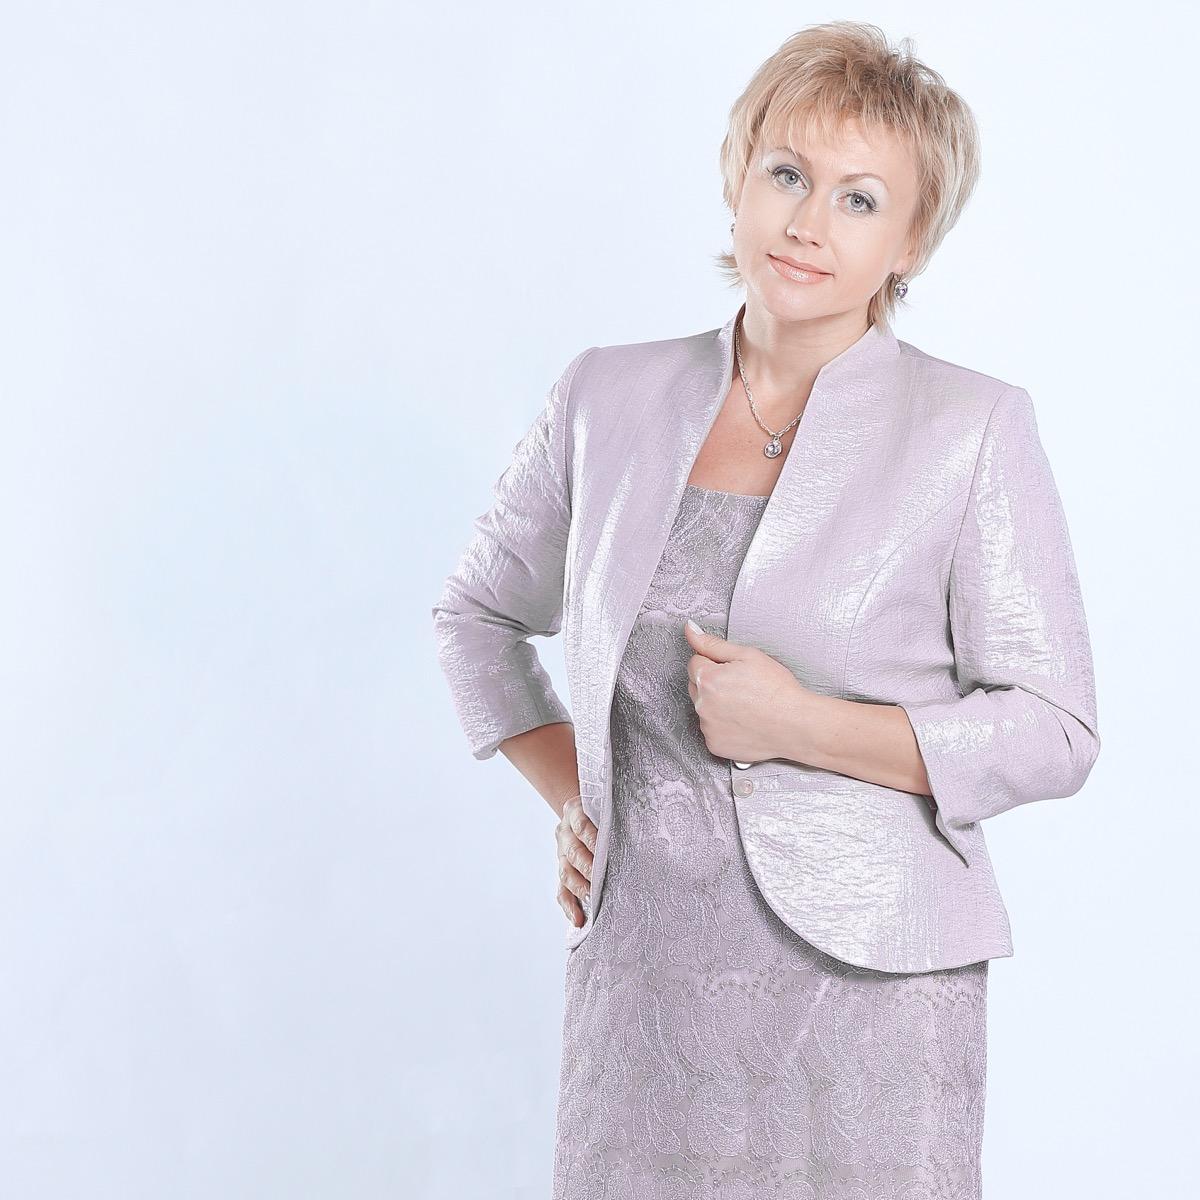 Older woman wearing a purple dress and matching blazer